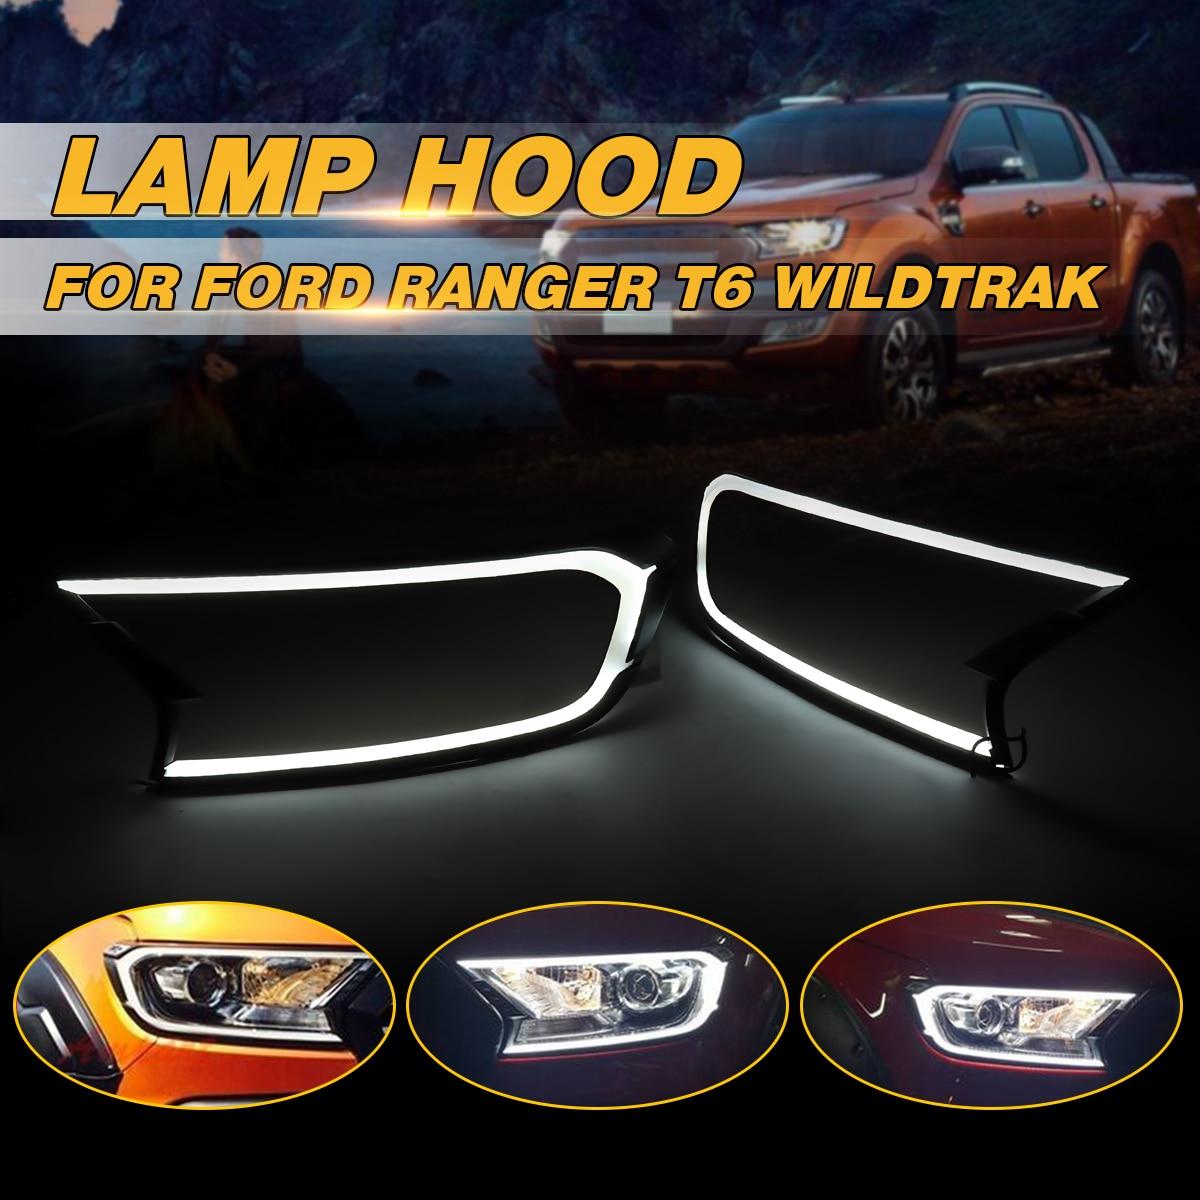 2 pièces Mat Noir led lampe frontale Avant Shell Cover Version Pour FORD RANGER T6 WILDTRAK 15-17 ABS Lampe hottes